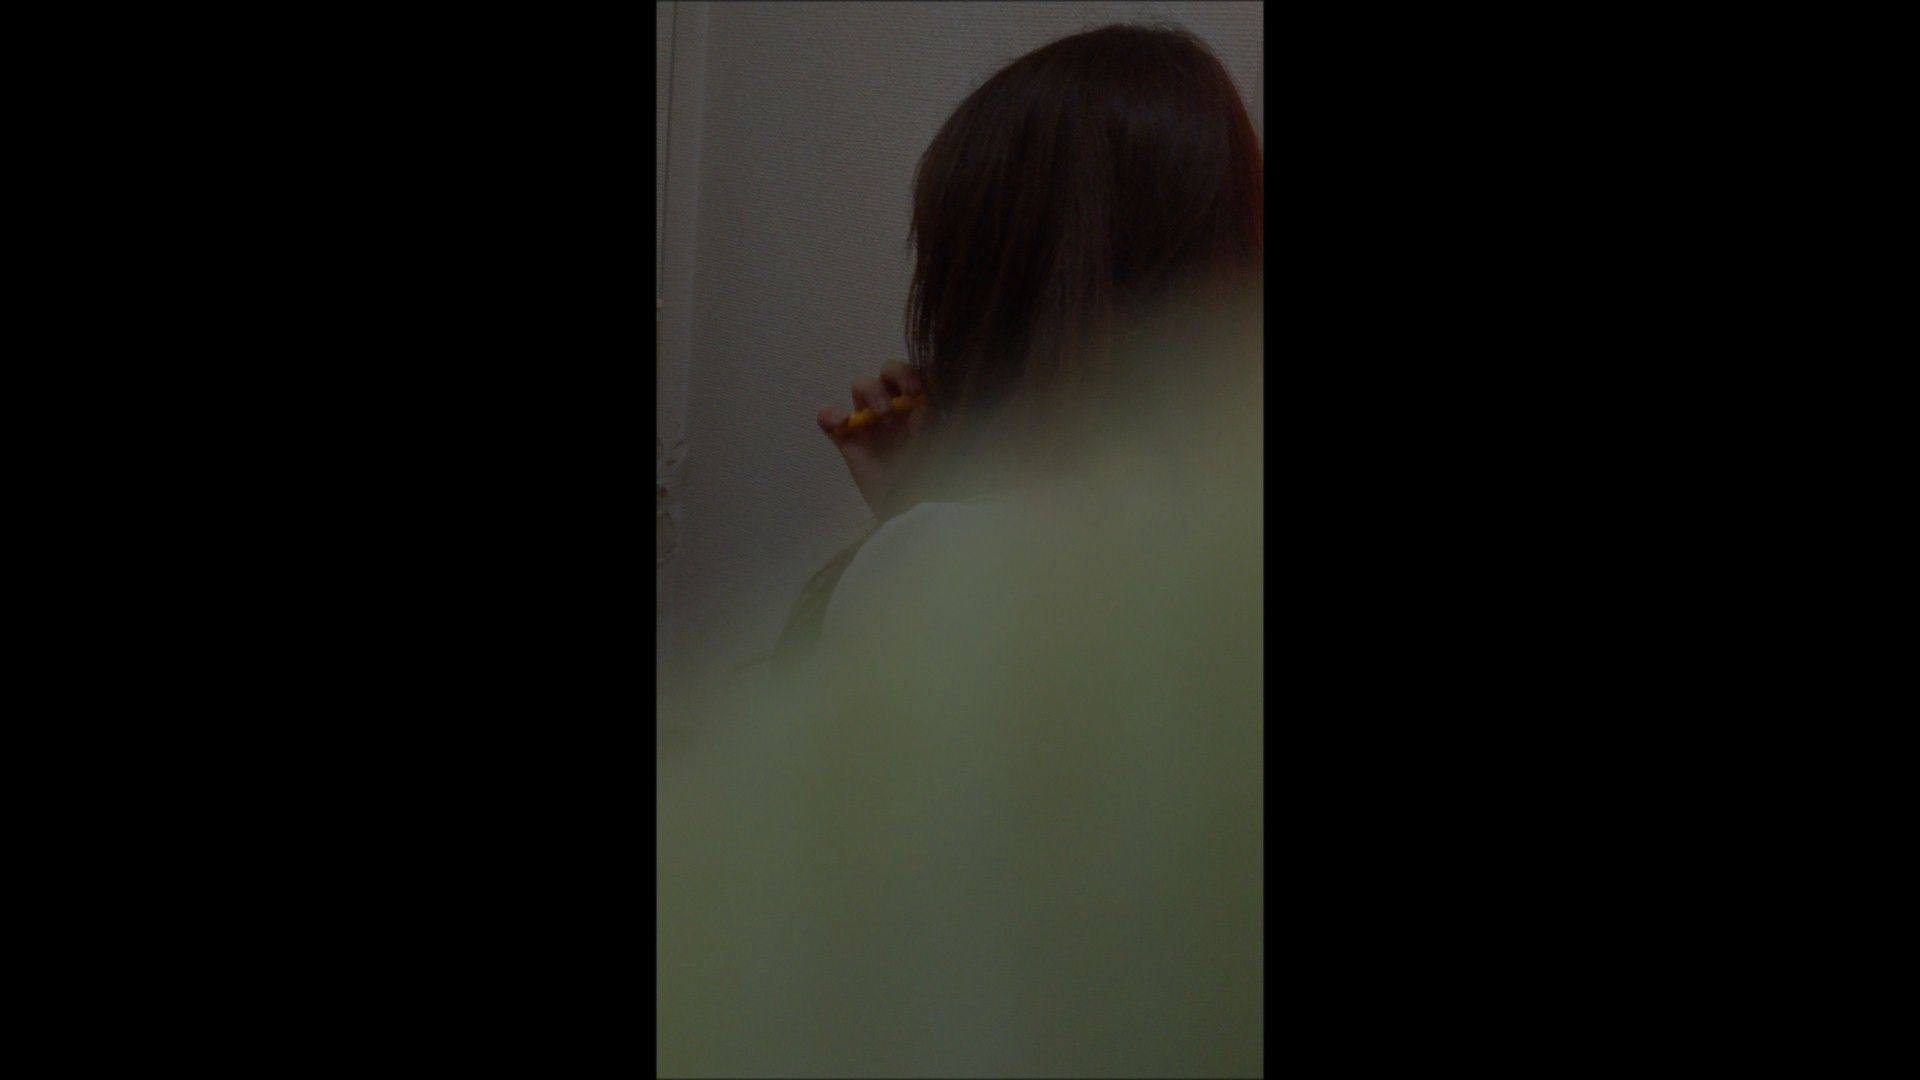 08(8日目)メイク中の彼女の顔を撮りました! マンコ特集 | オマンコ丸見え  59連発 52